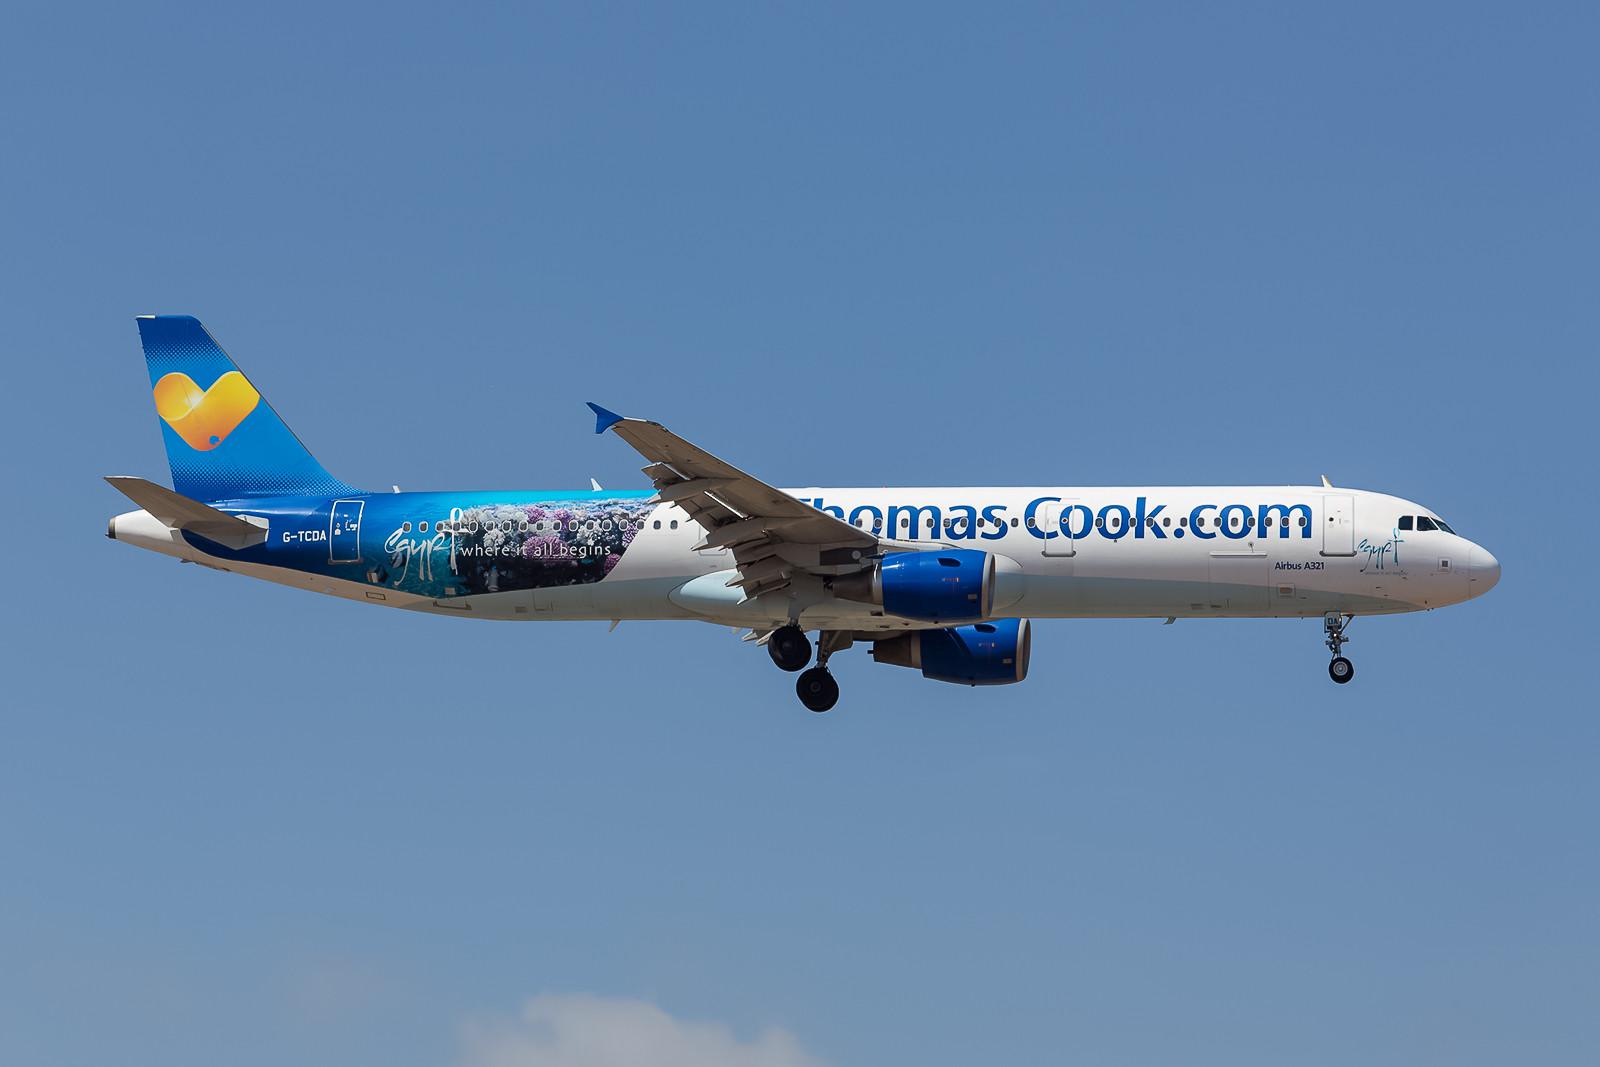 """G-TCDA, ein Airbus 321-211 mit einer """"Egypt""""-Sonderbemalung für Thomas Cook. (ex-My Travel, ex-Turkish Airlines)"""